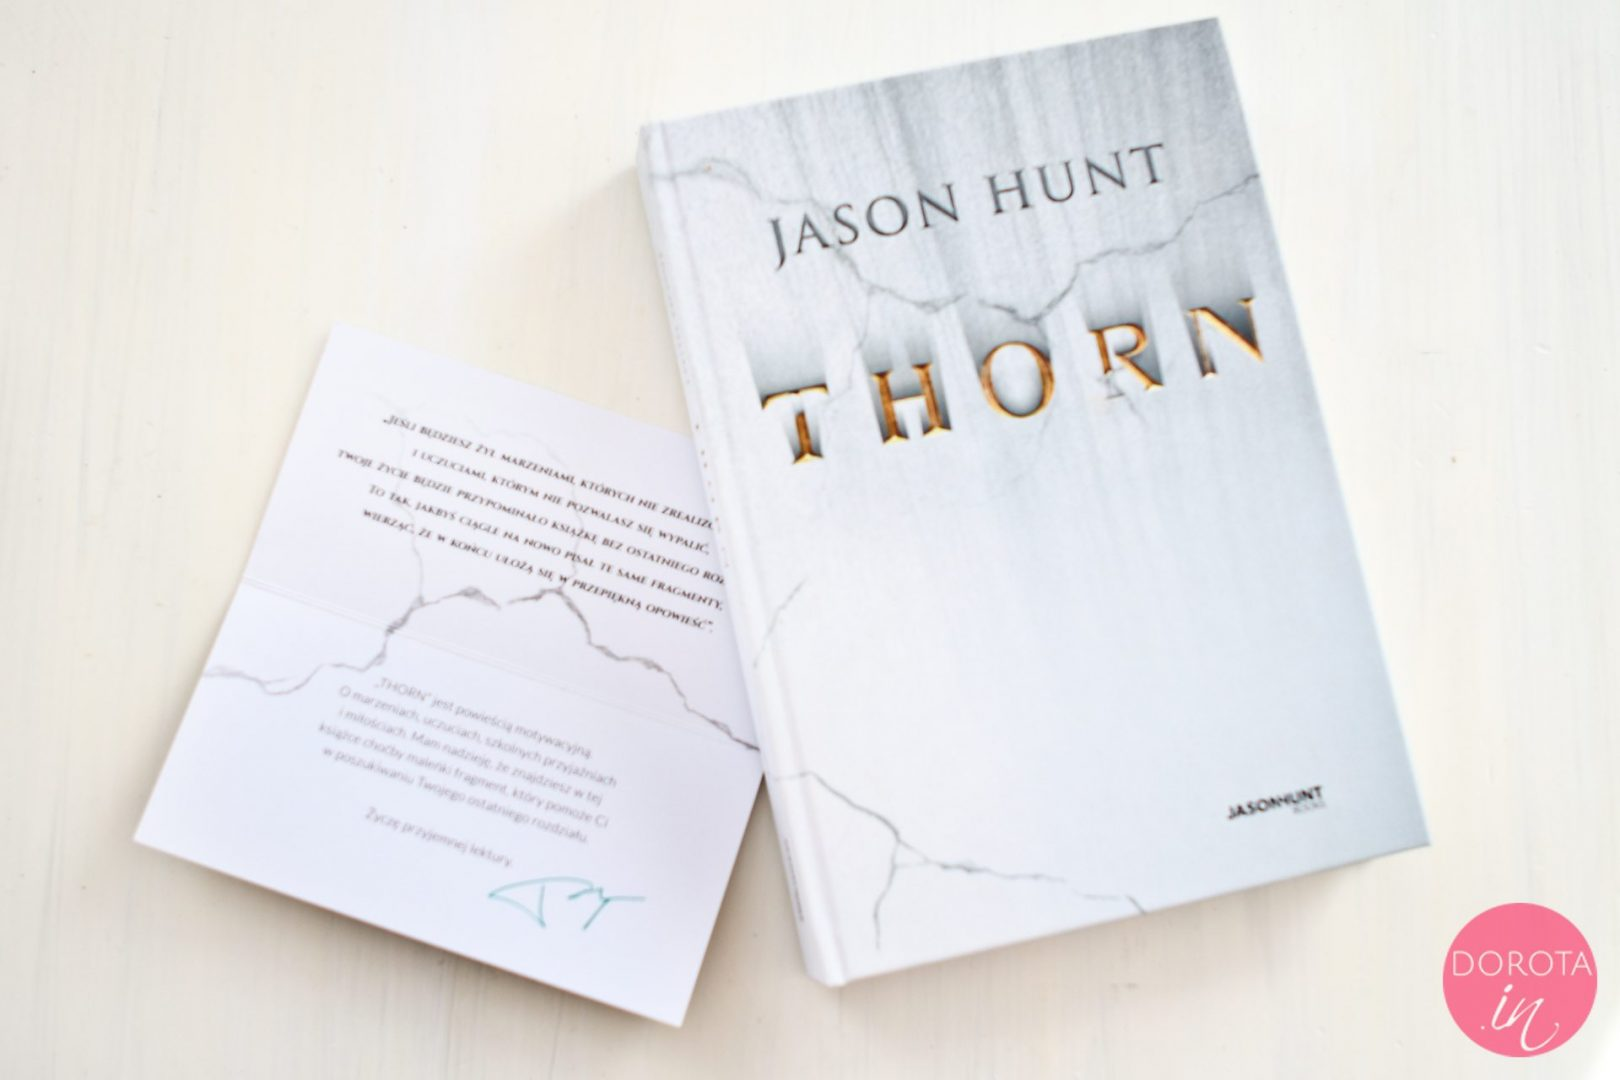 Thorn - Jason Hunt - recenzja i opinie